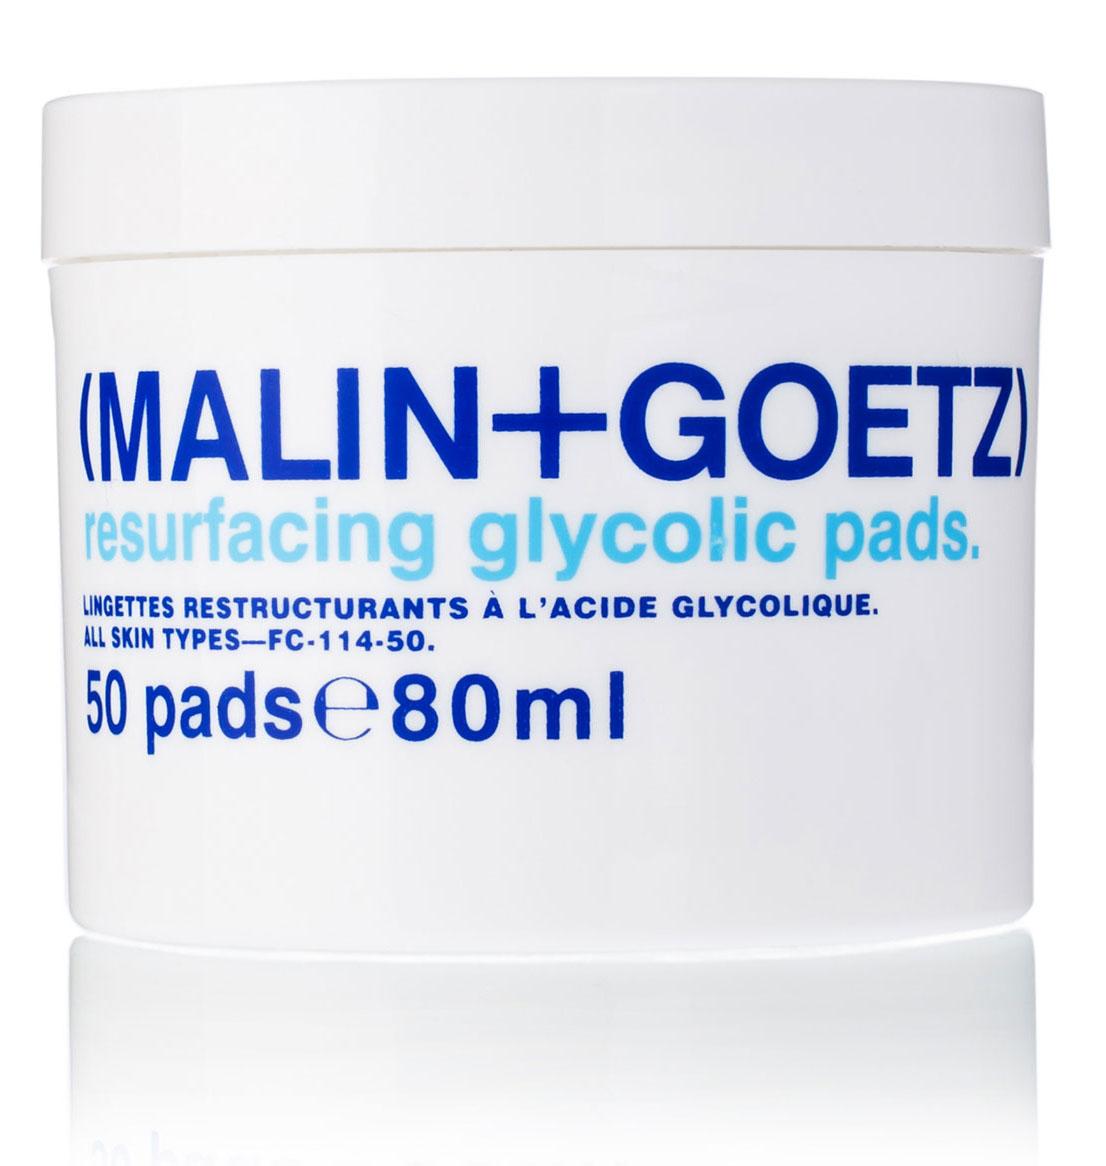 Malin+Goetz Обновляющие диски для лица, 50 штFS-00897Отшелушивающее средство салонного уровня. Ватные диски, пропитанные гликолевой кислотой, удаляют ороговевшие клетки кожи, стимулируют ее обновление и производство коллагена, что позволяет визуально уменьшить мелкие морщинки и придать коже свежий и здоровый вид. Гликолевая кислота эффективно очищает поры, обновляет кожу, улучшая ее текстуру и не вызывая негативных последствий агрессивного химического пилинга. Используйте в сочетании с антивозрастным уходом, либо с уходом для проблемной кожи. Диски имеют натуральный цвет и запах.